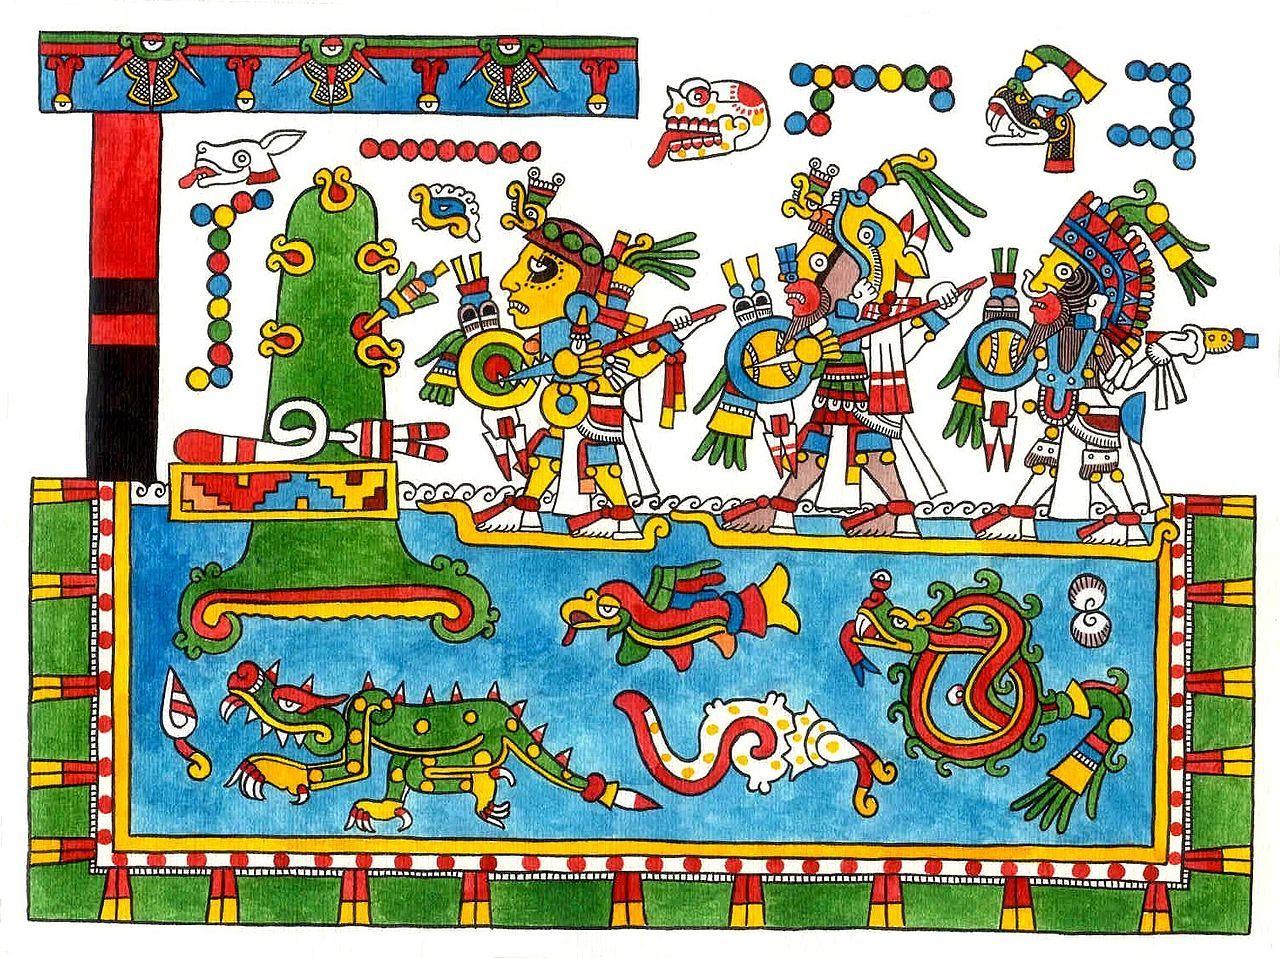 De 15 documentos prehispánicos, 13 se encuentran en Europa